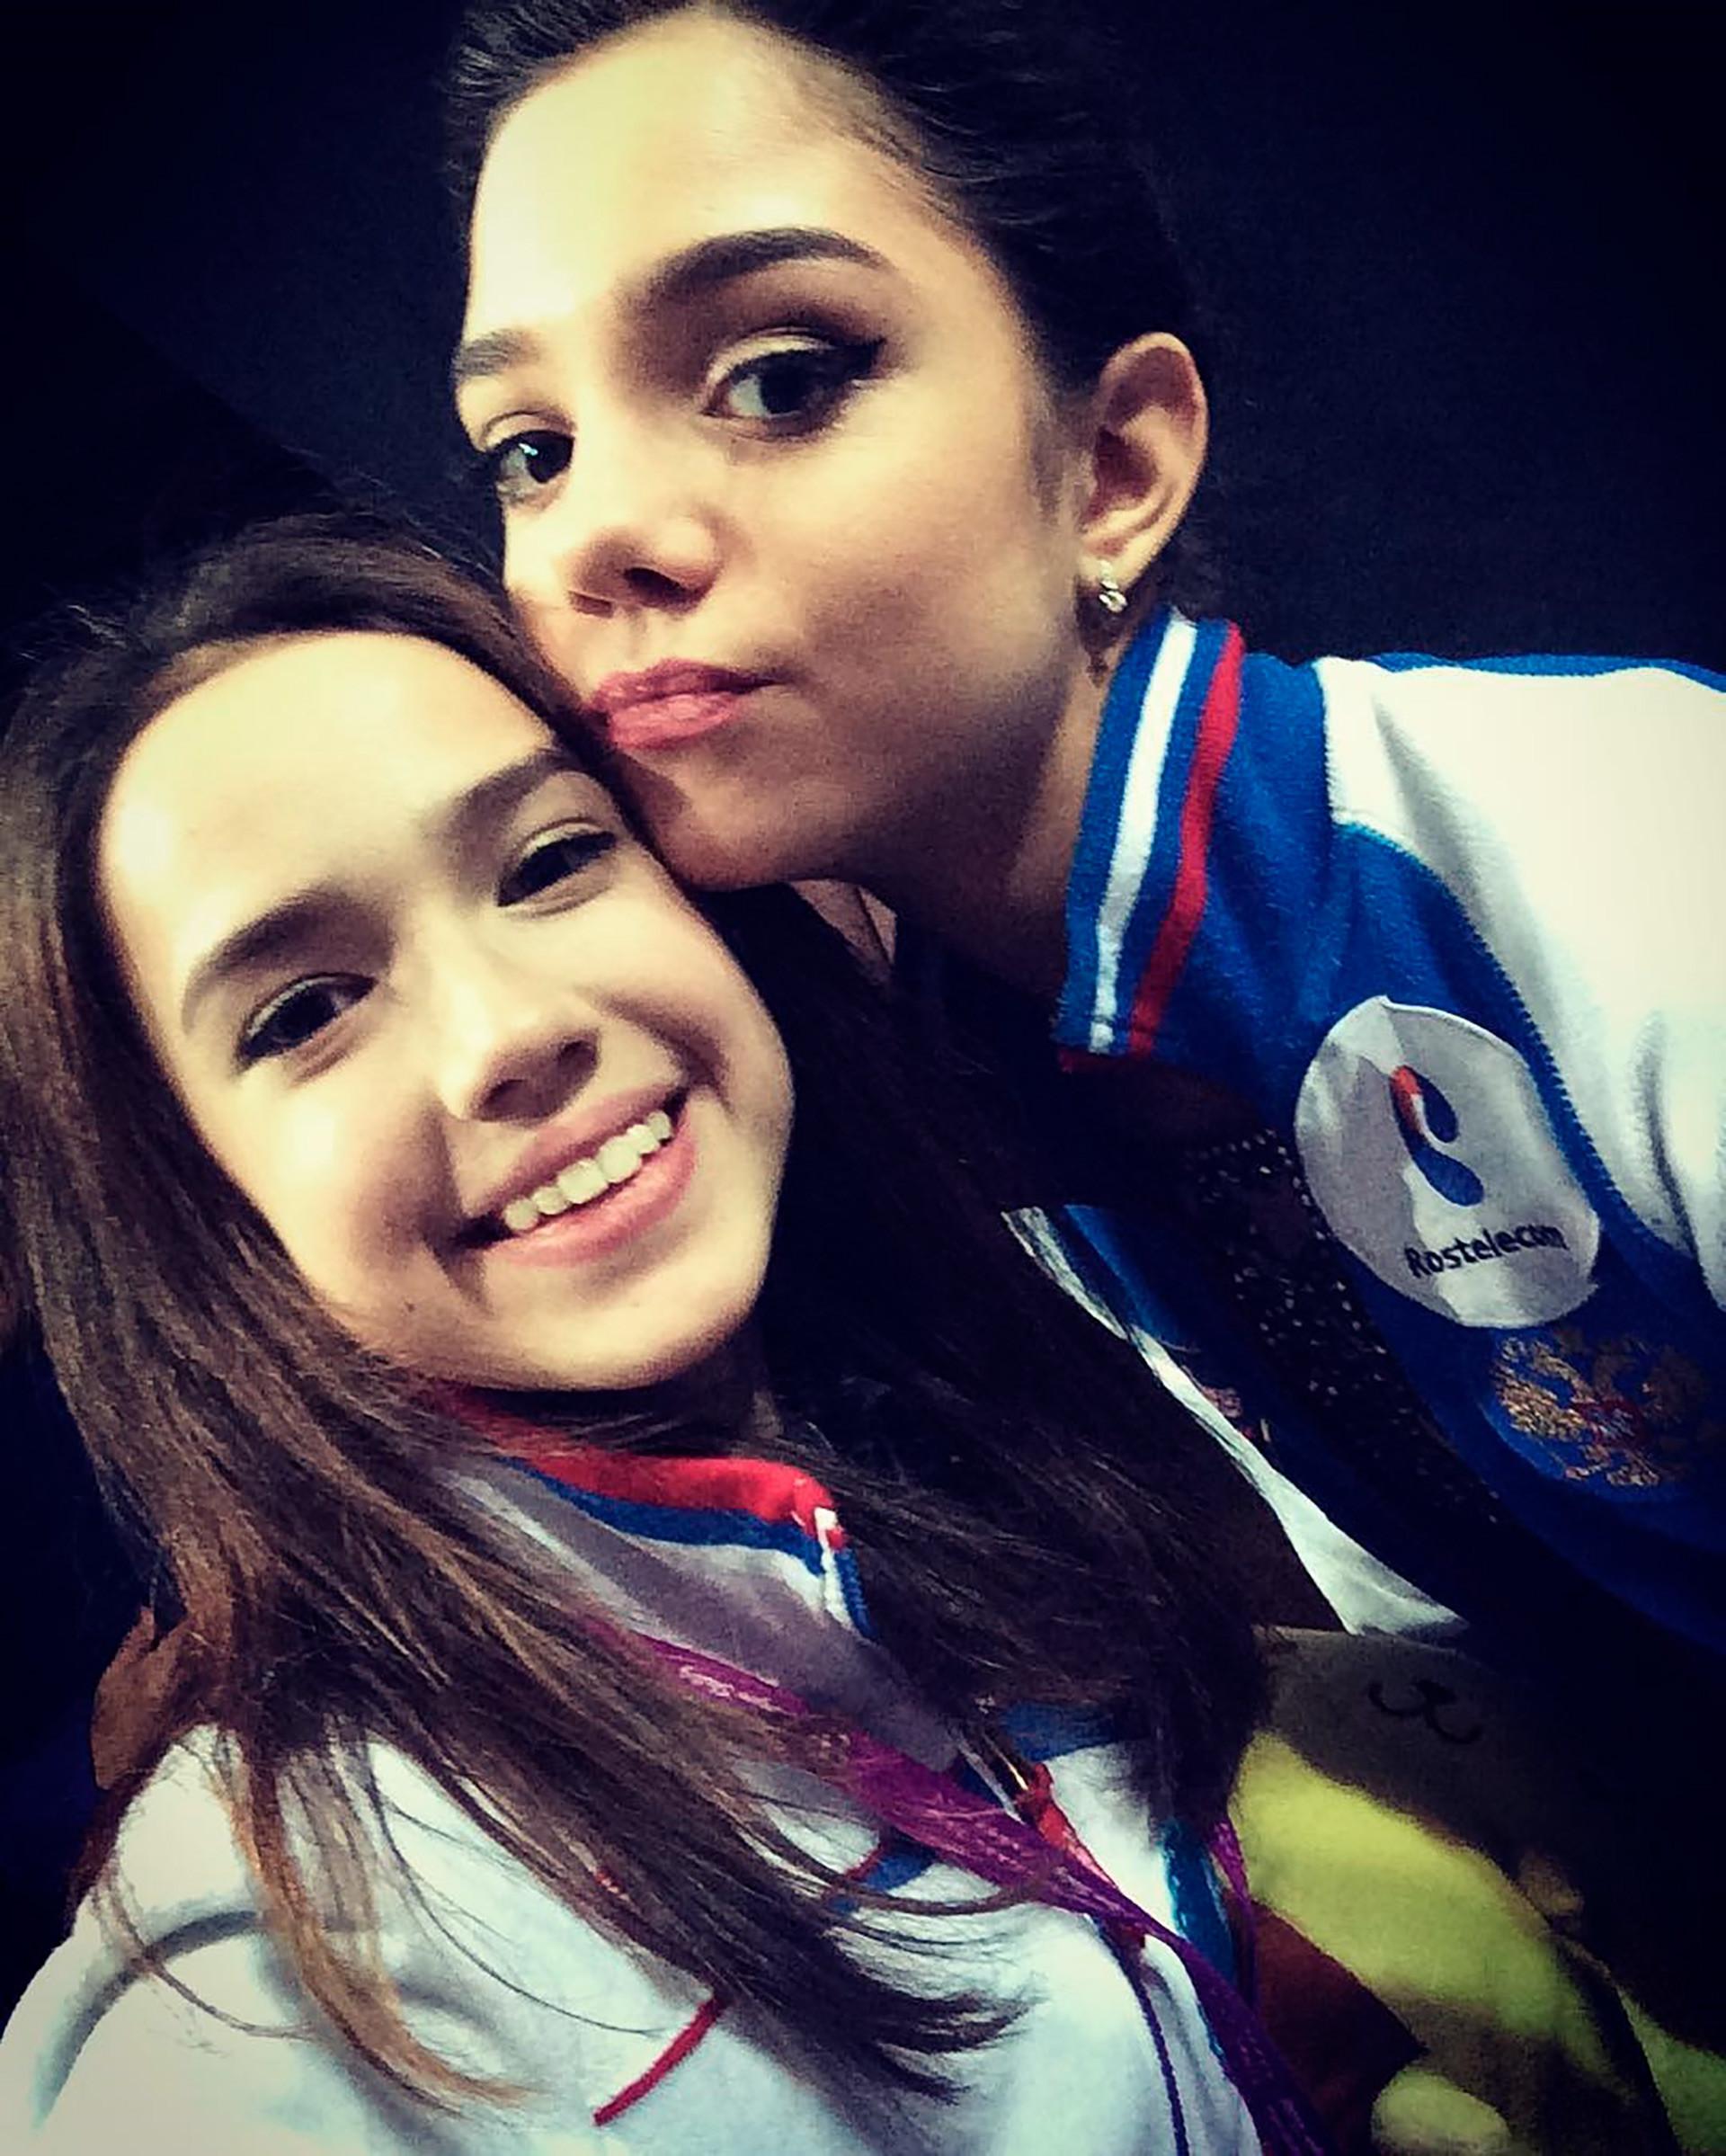 """Alina Sagitowa und Jewgenija Medwedewa: """"Die einzigen Menschen, die ich wirklich regelmäßig sehe, haben mit Eiskunstlauf zu tun"""", so Sagitowa, """"aber das ist Sport. Da sind wir Konkurrenten."""" Viele Freunde außerhalb des Sports habe sie nicht."""